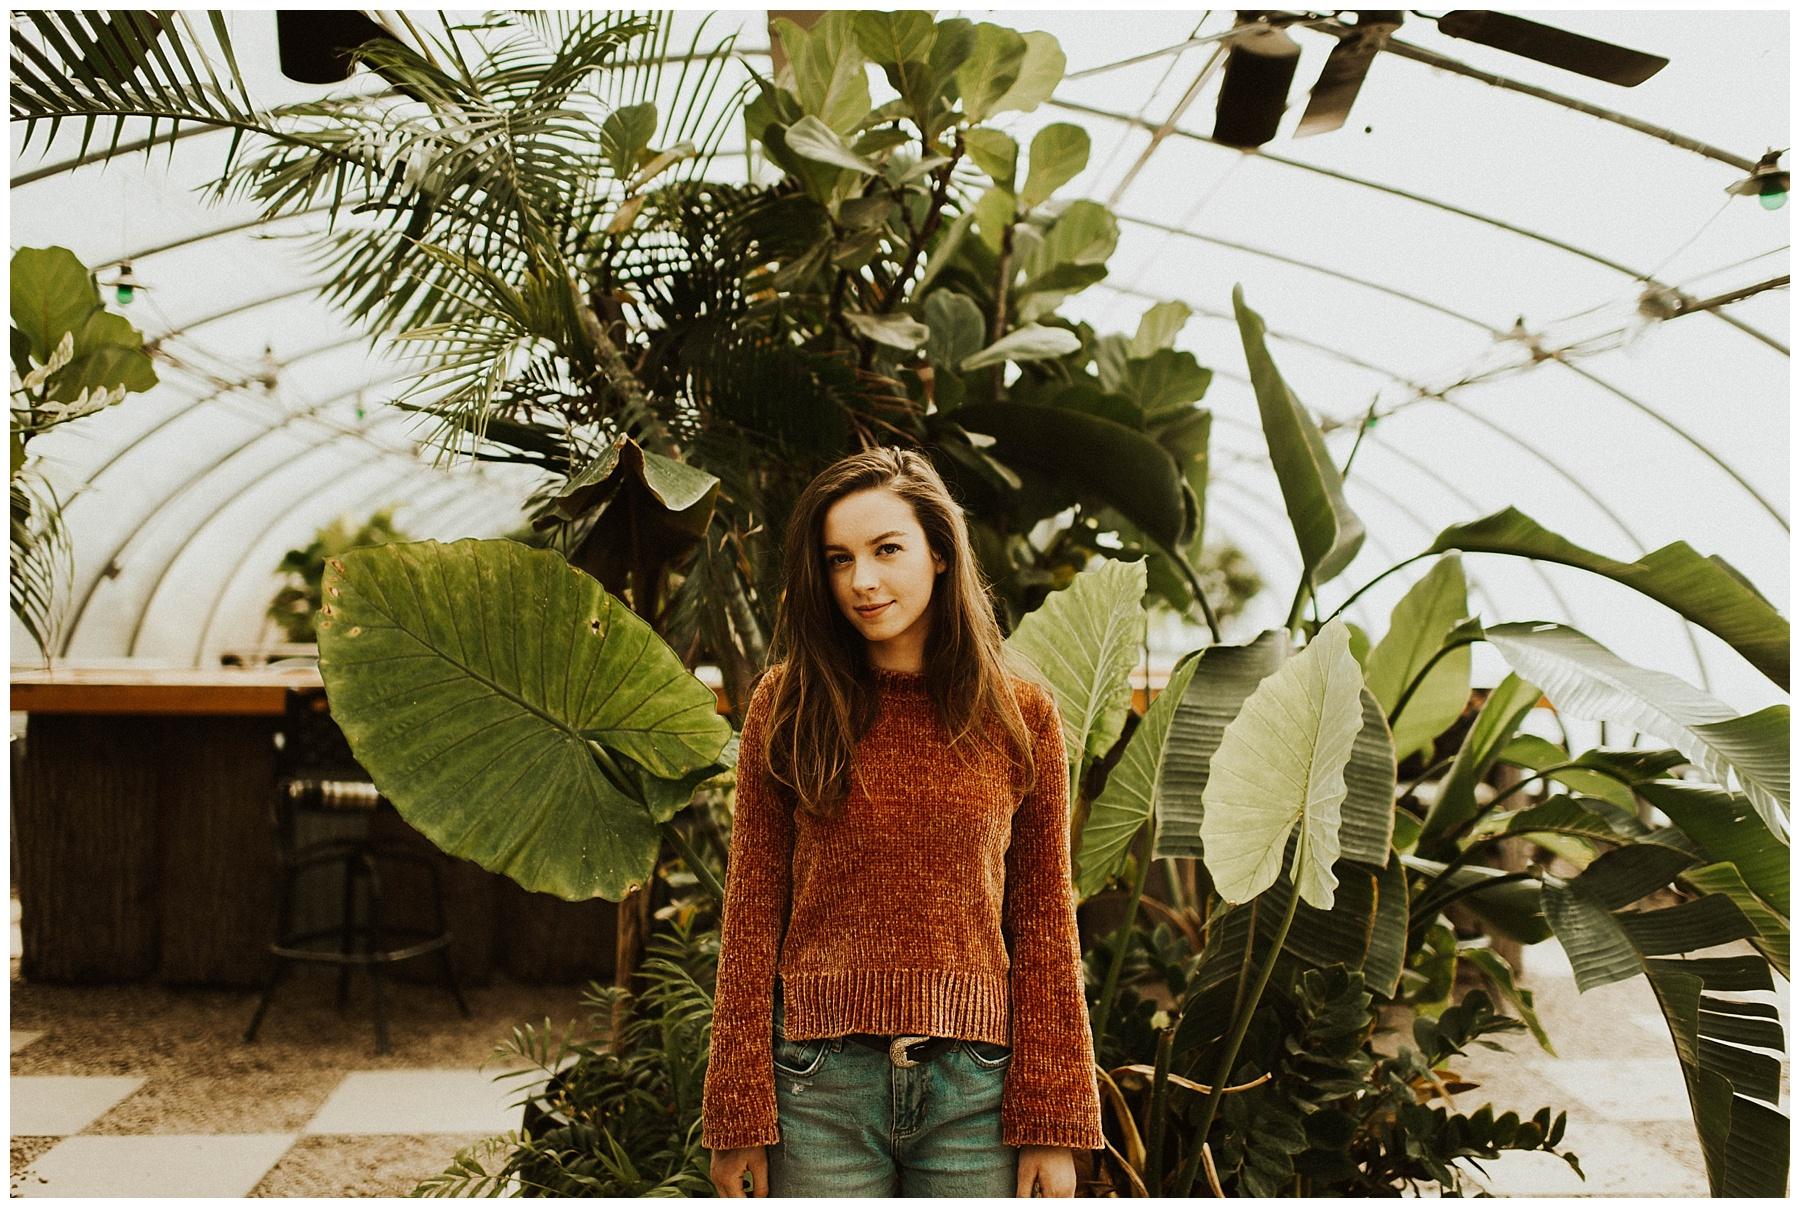 b4155732c Sabrina    Candid Portraits - Lauren F.otography